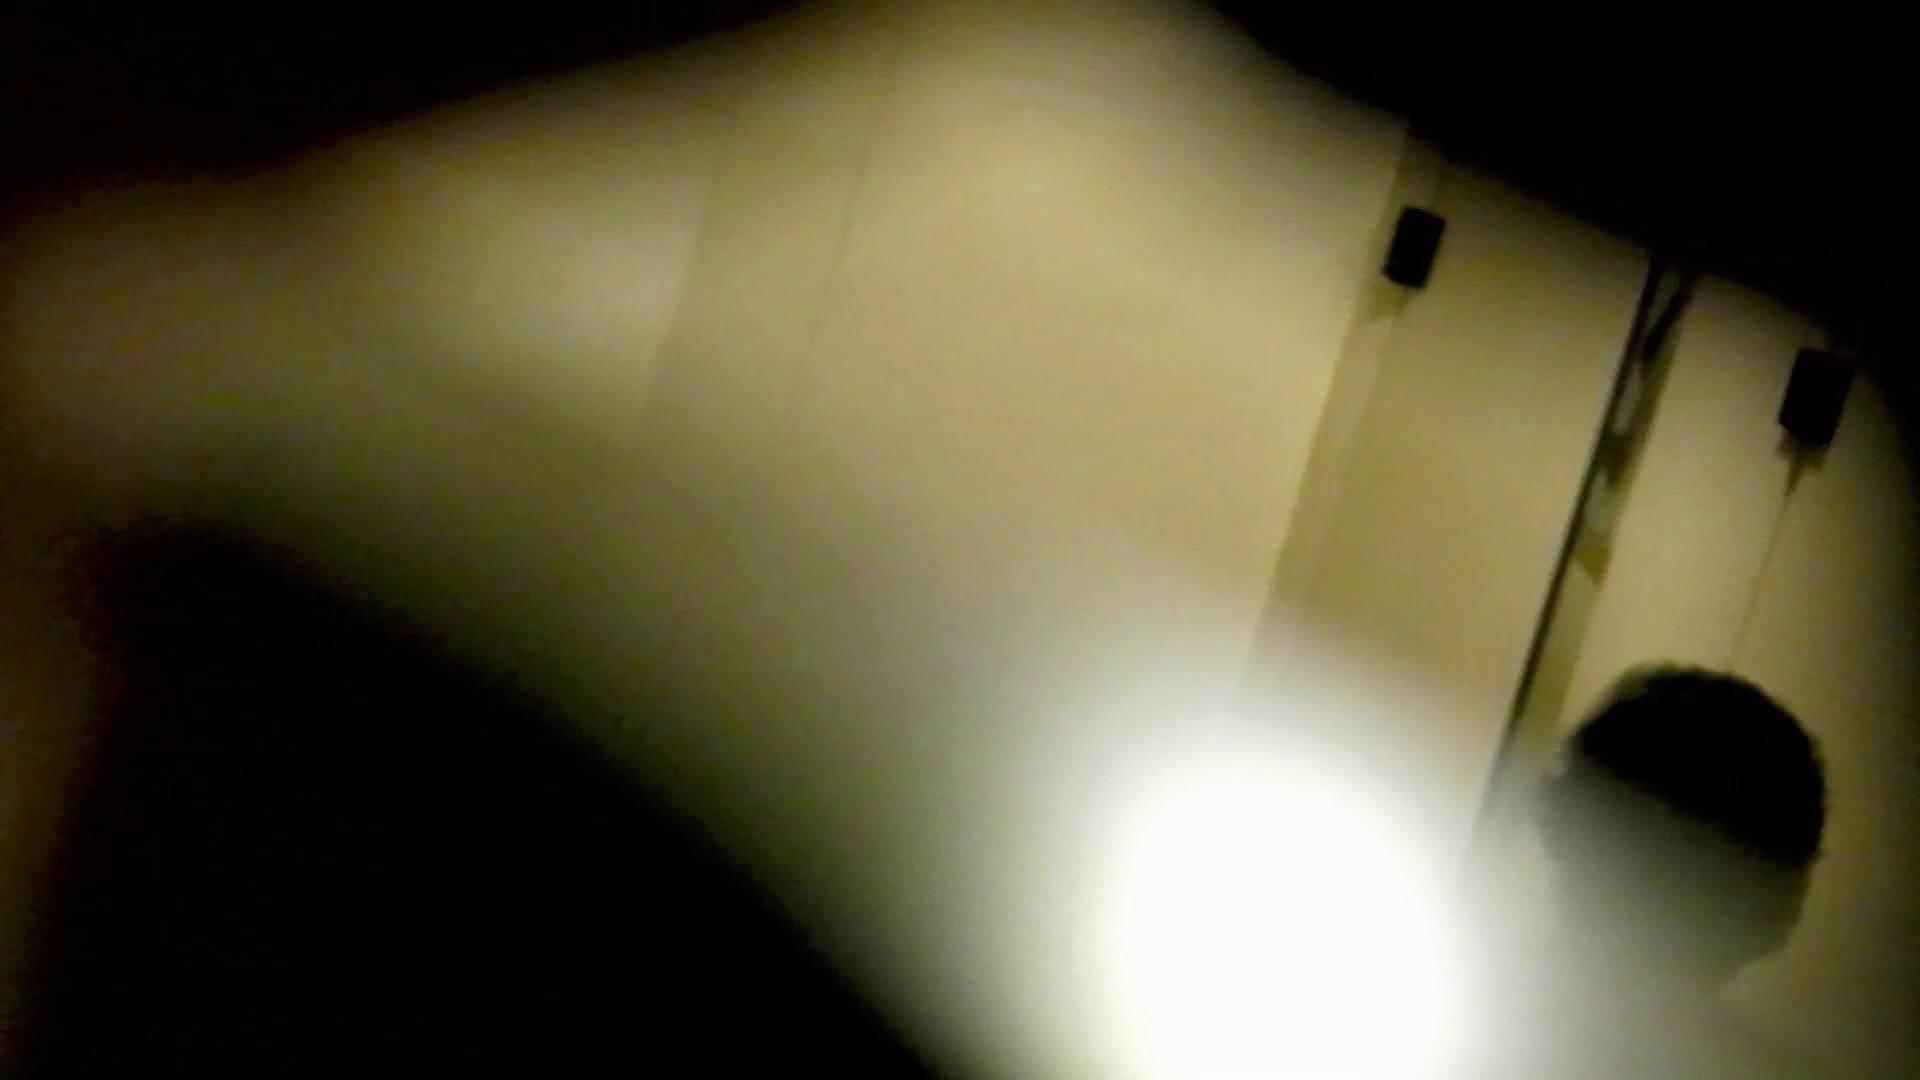 新世界の射窓 No78 トリンドル 玲奈似登場シリーズ美女率最高作! 洗面所のぞき セックス無修正動画無料 112枚 27